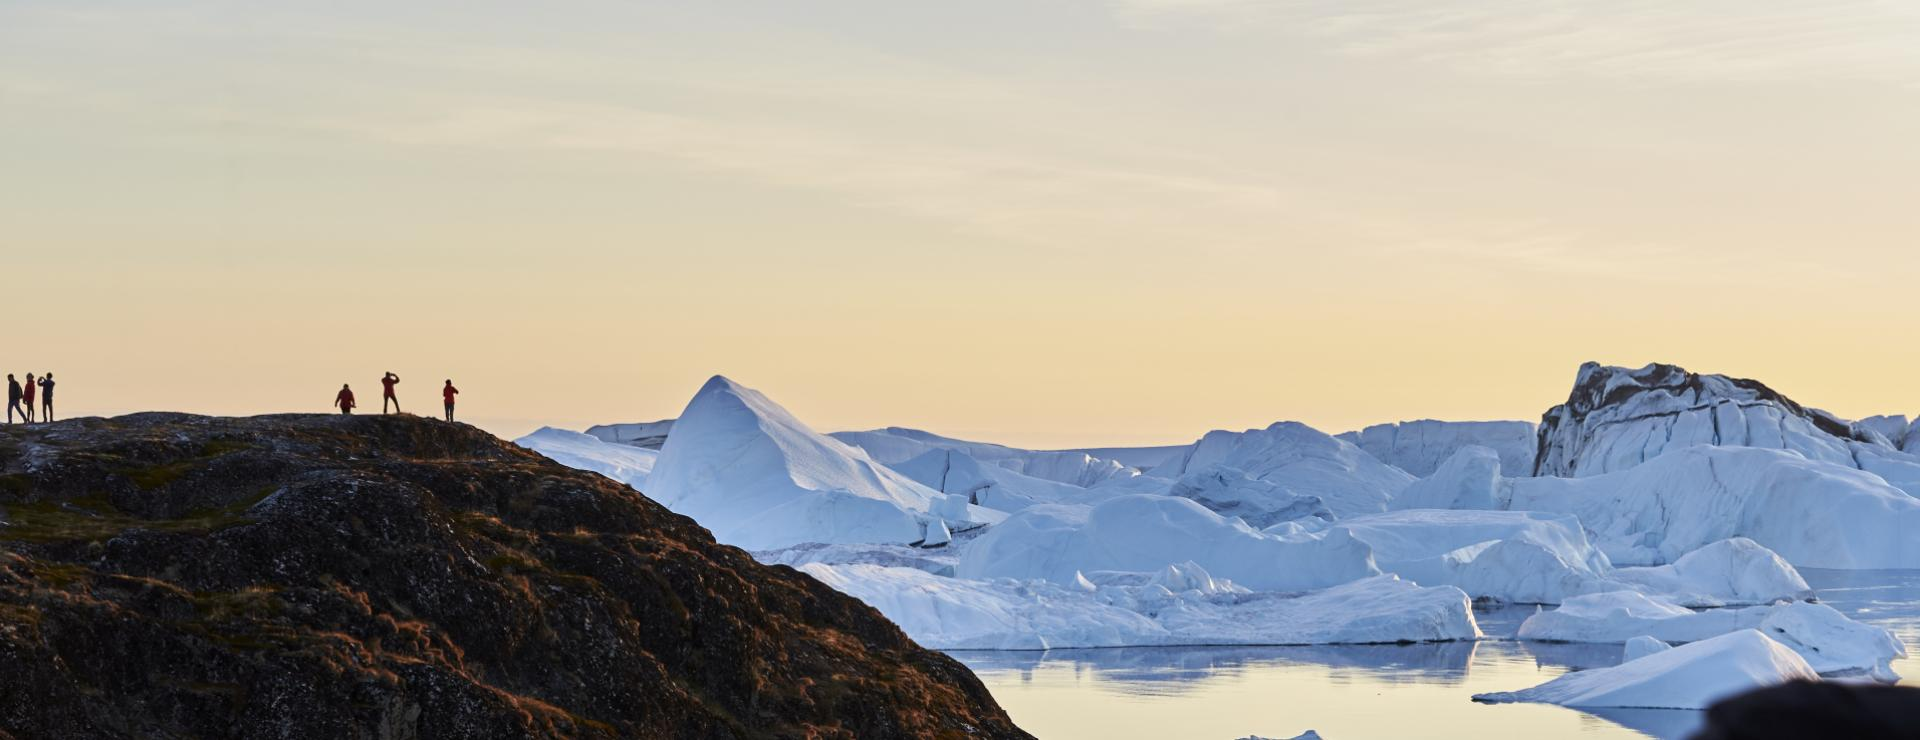 Ilulissat, near Sermermiut